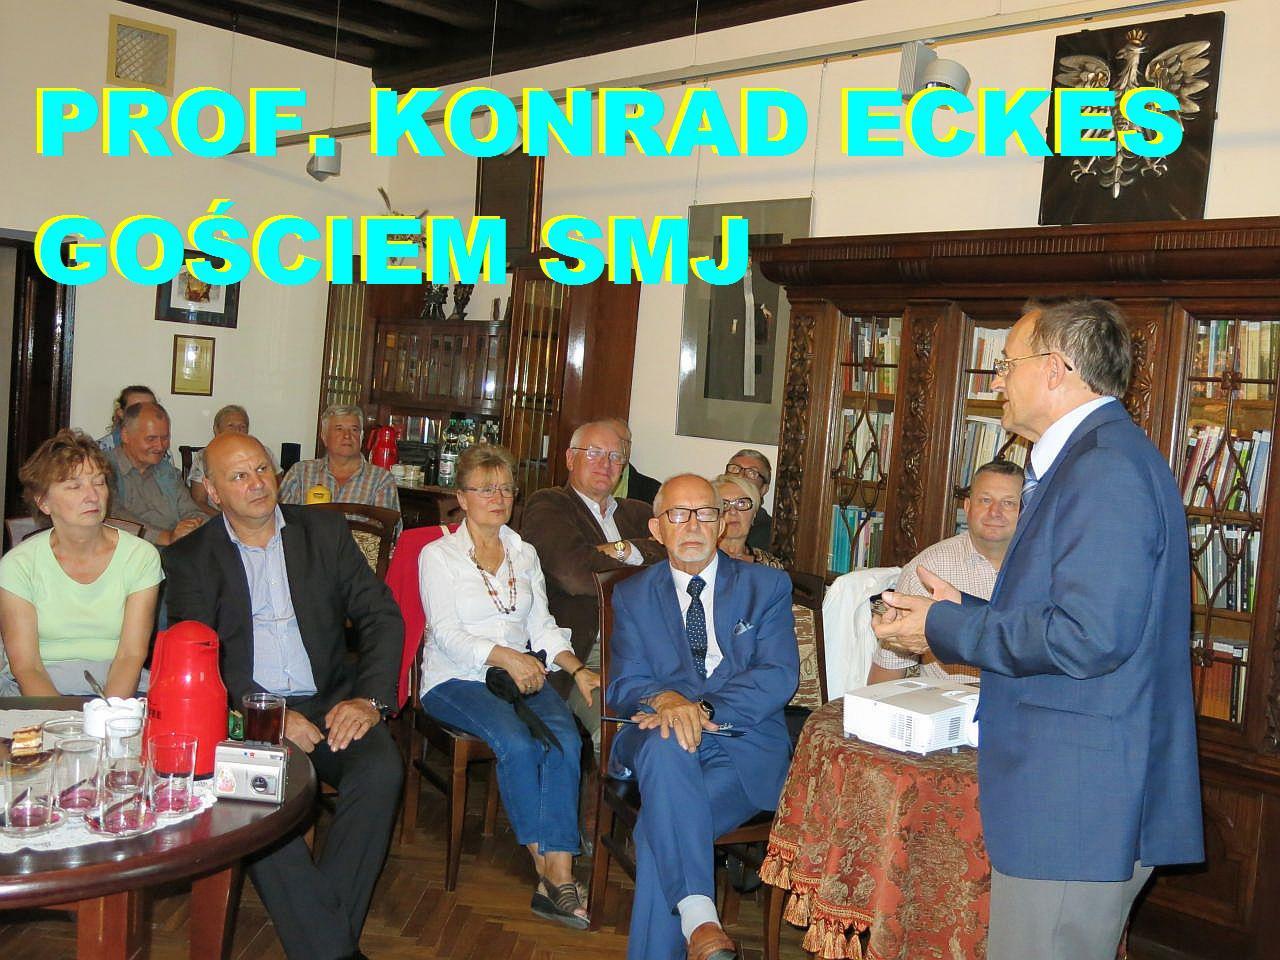 PROF. DR HAB. KONRAD ECKES